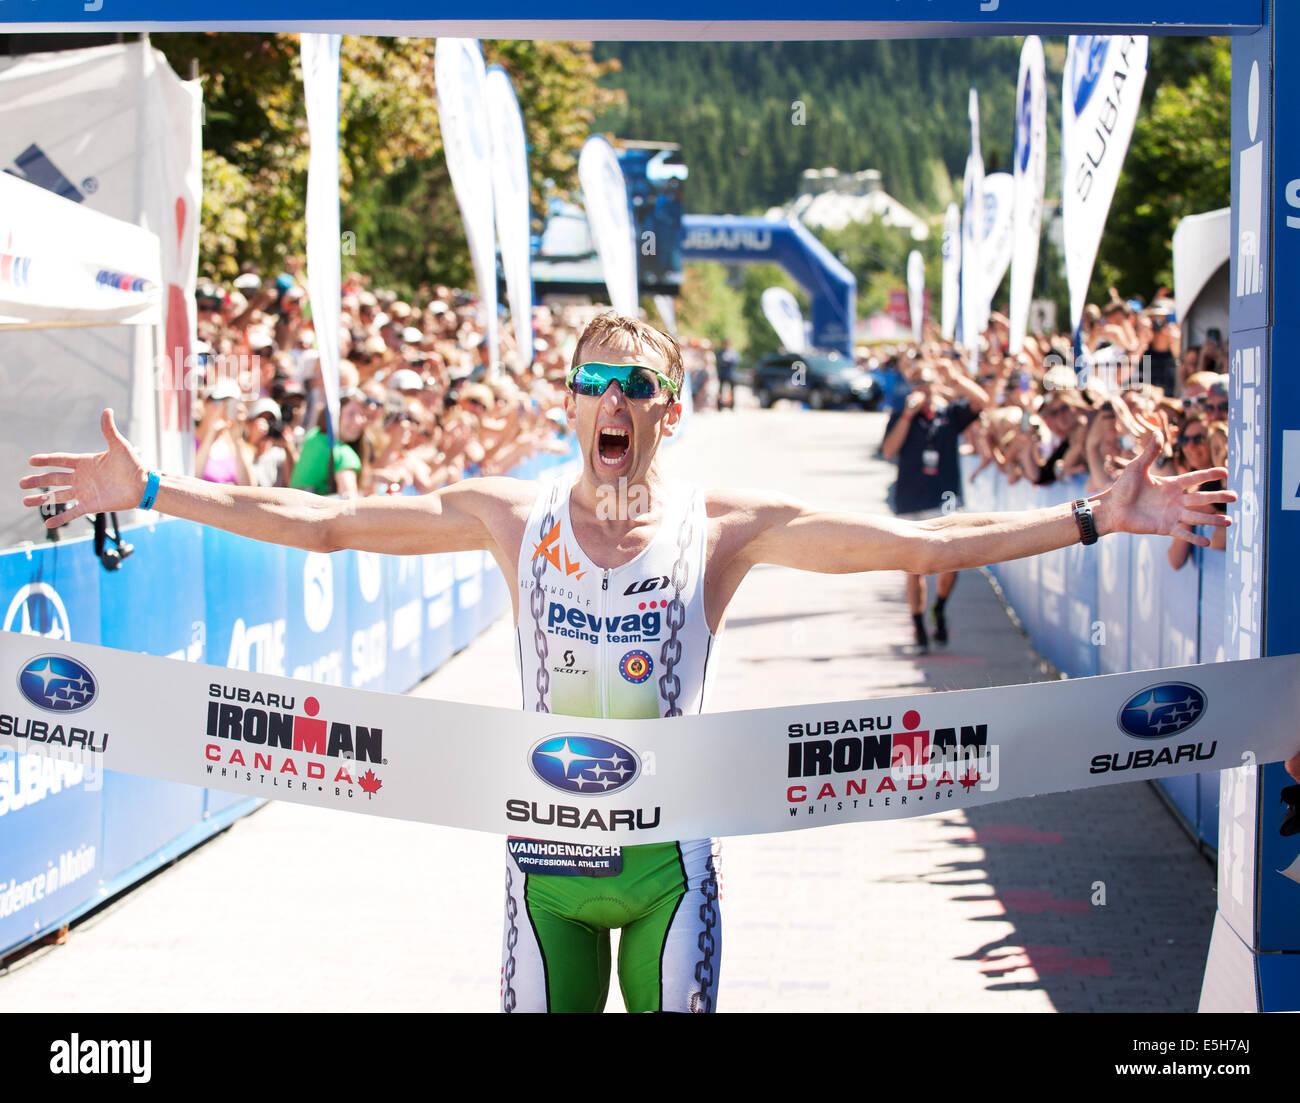 Winner Marino Vanhoenacker at the finish line.  2014 Canadian Ironman. - Stock Image